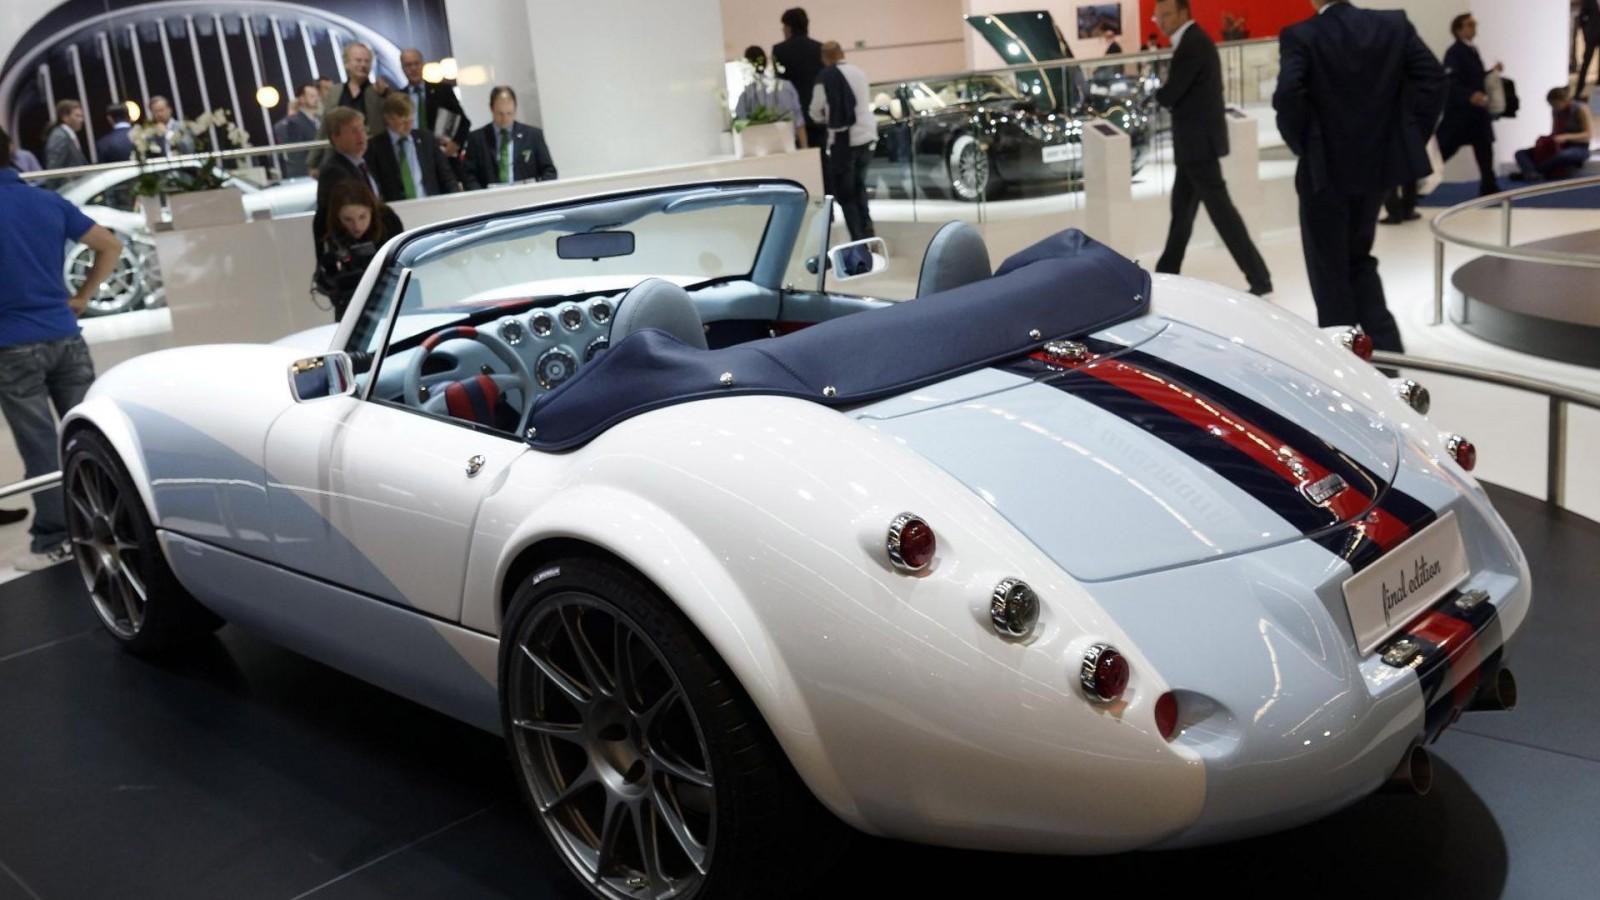 HD wallpaper Wiesmann Mf Roadster Final Edition Luxury Car Brands by 1600x900